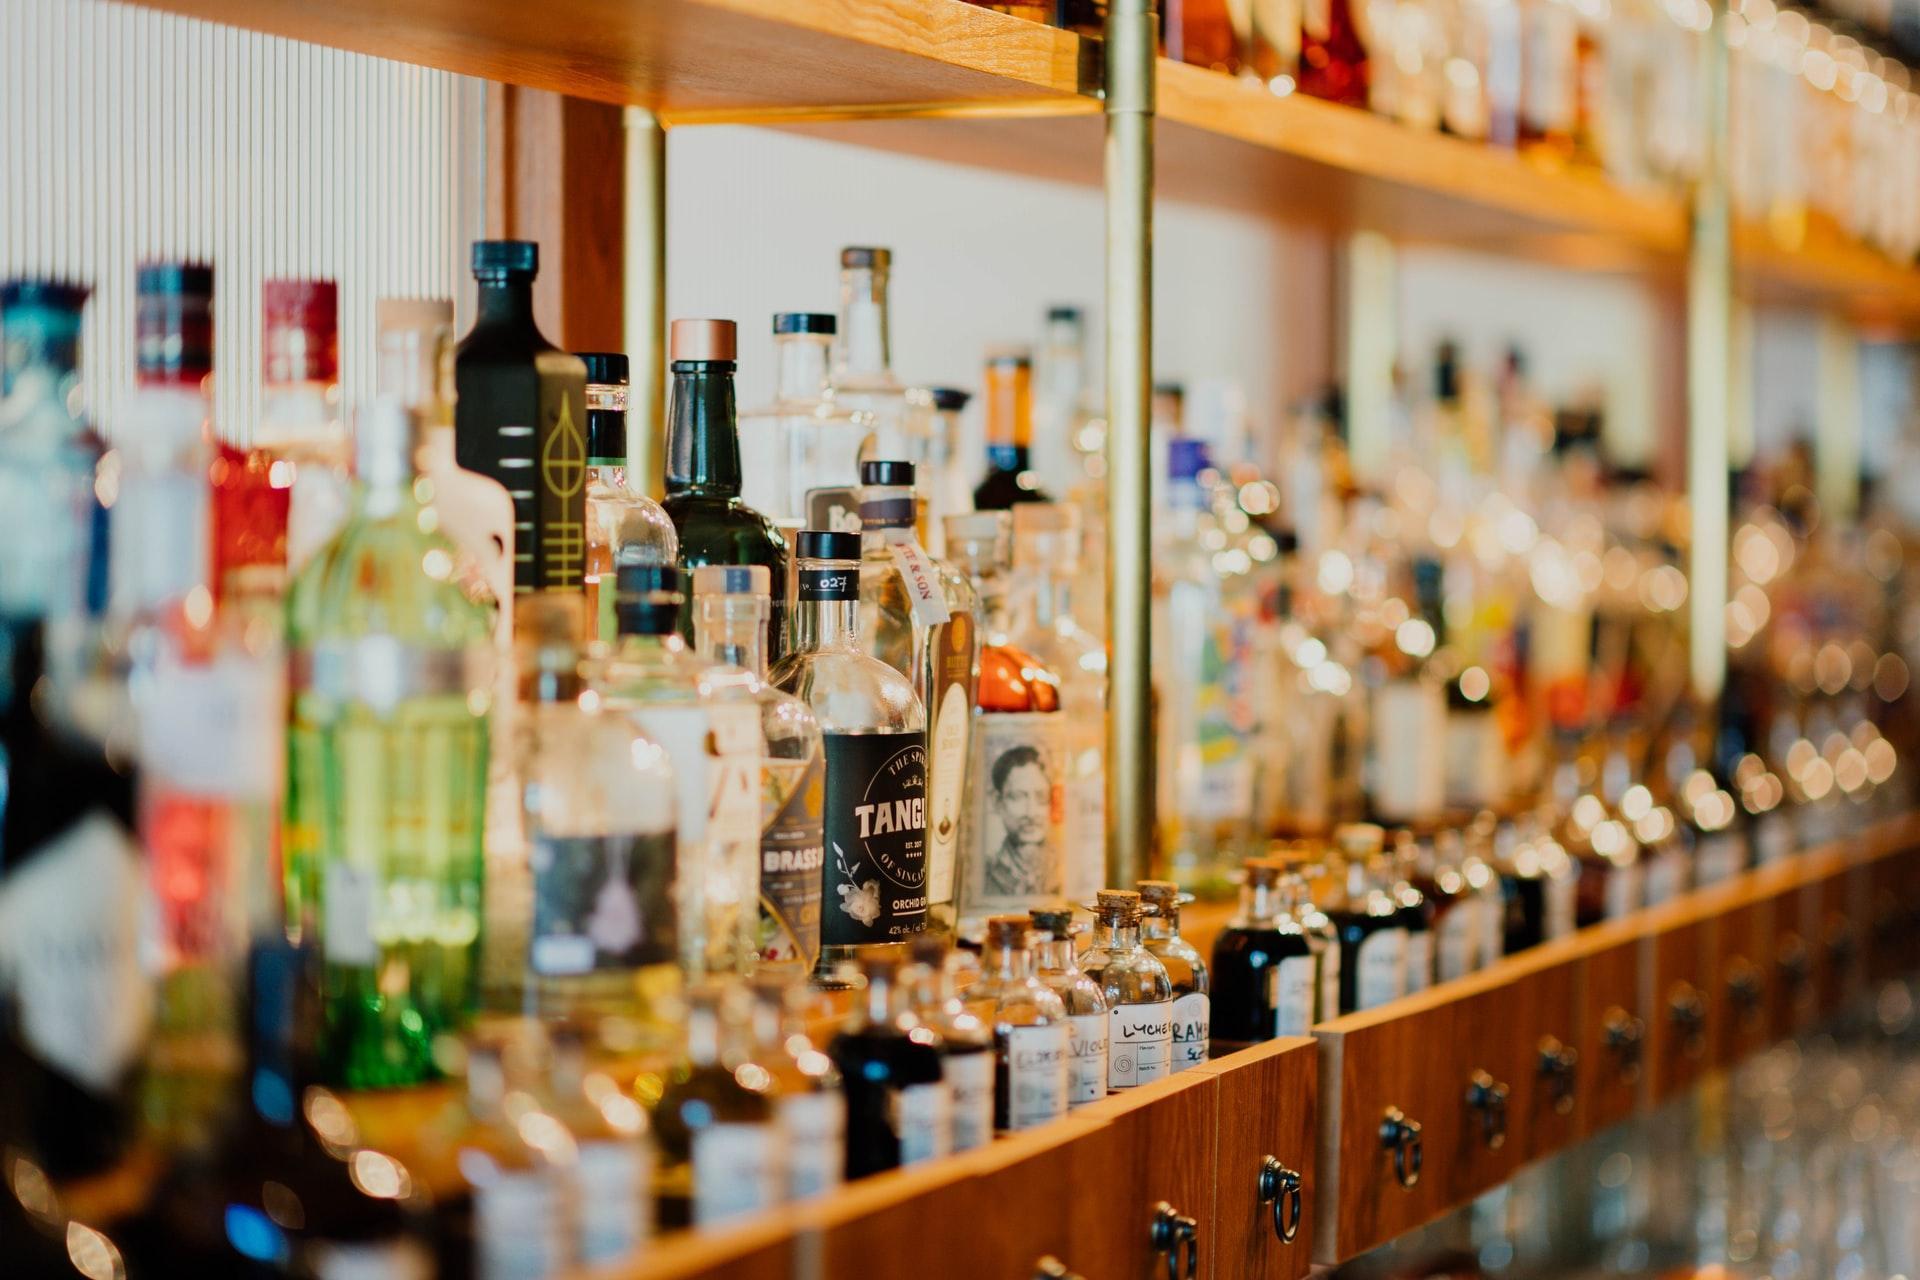 shelf filled with liquor bottles